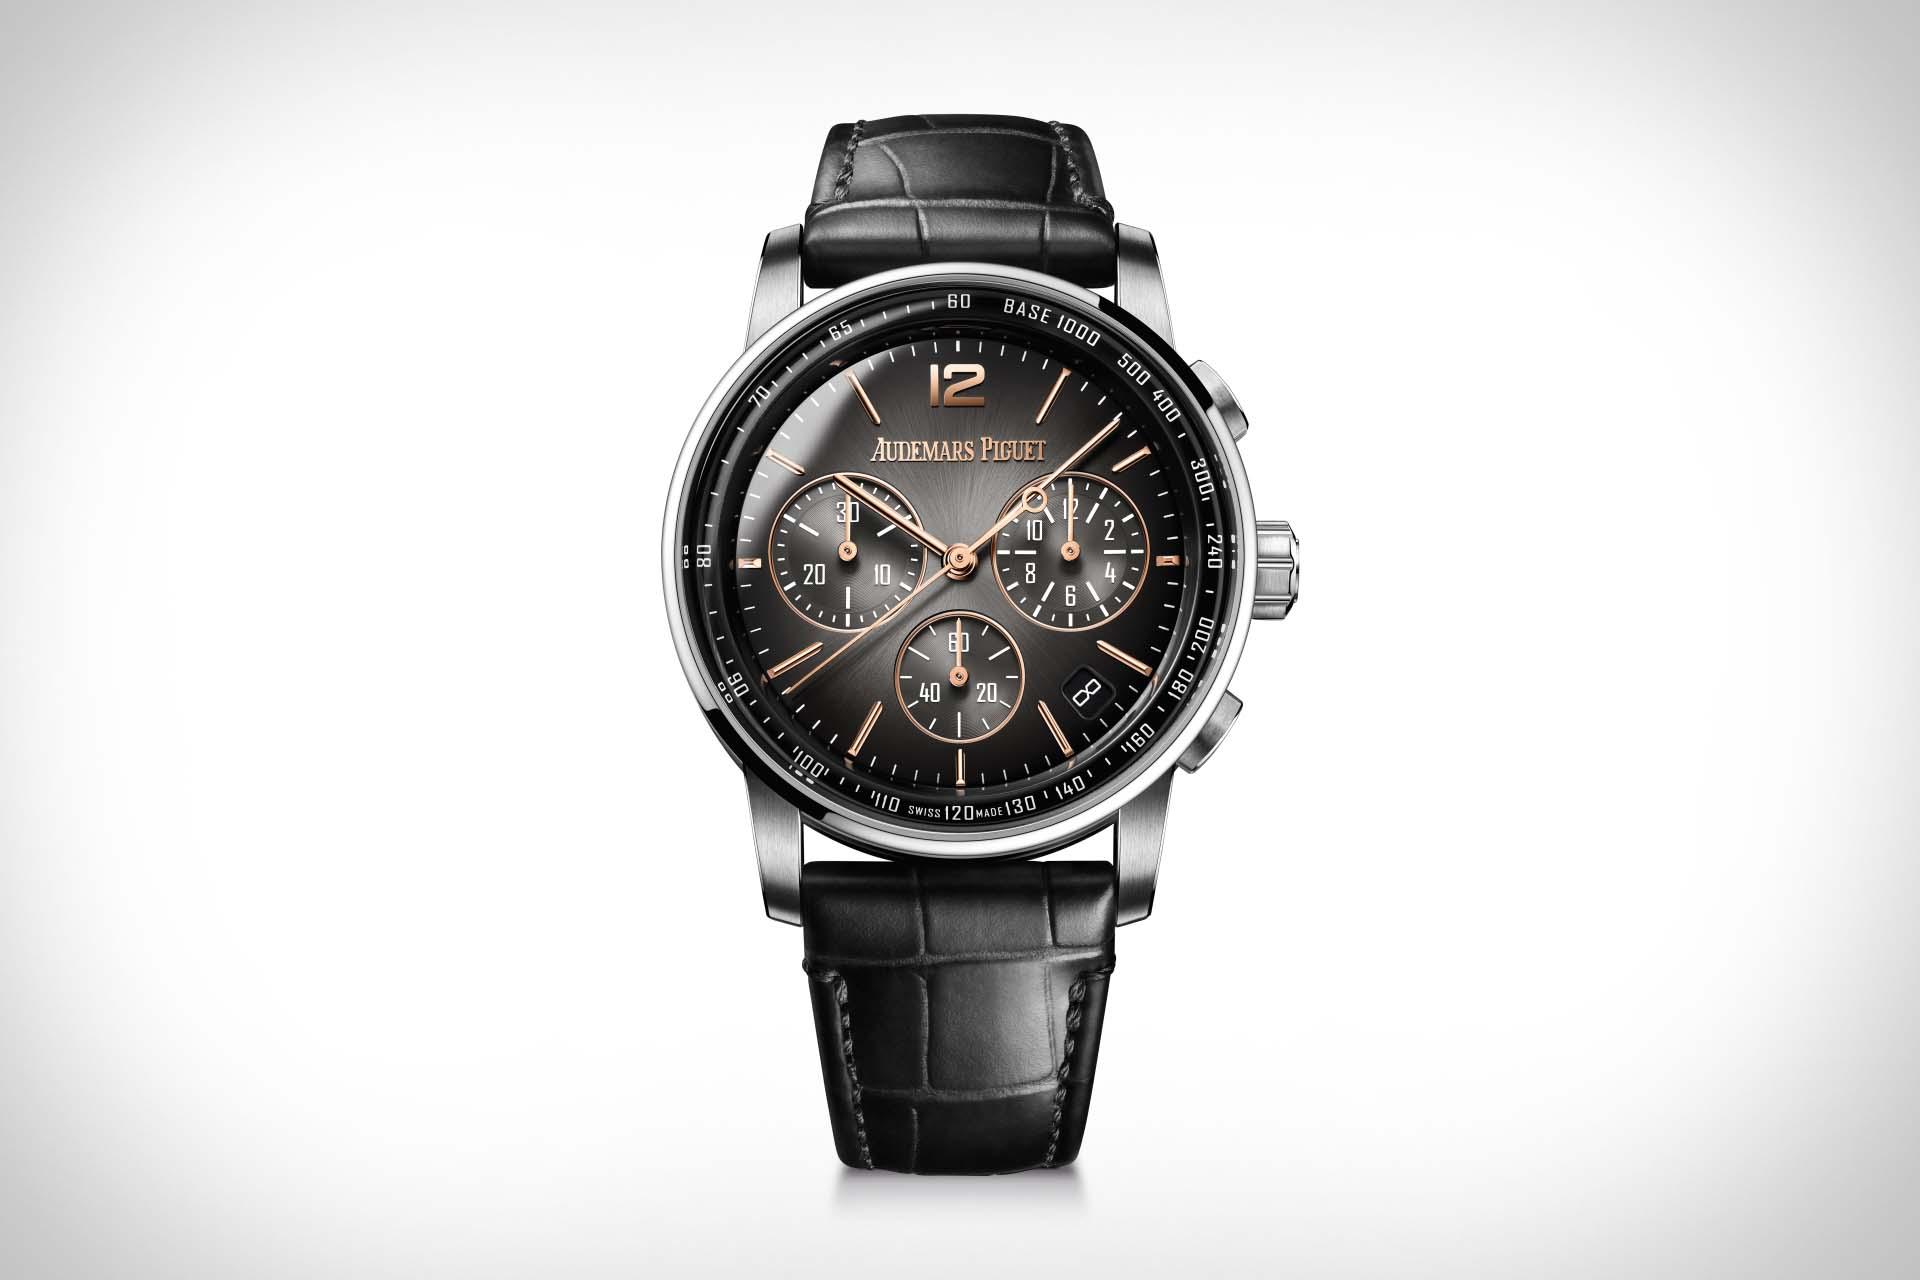 Audemars Piguet CODE 11.59 Self-Winding Chronograph Watch